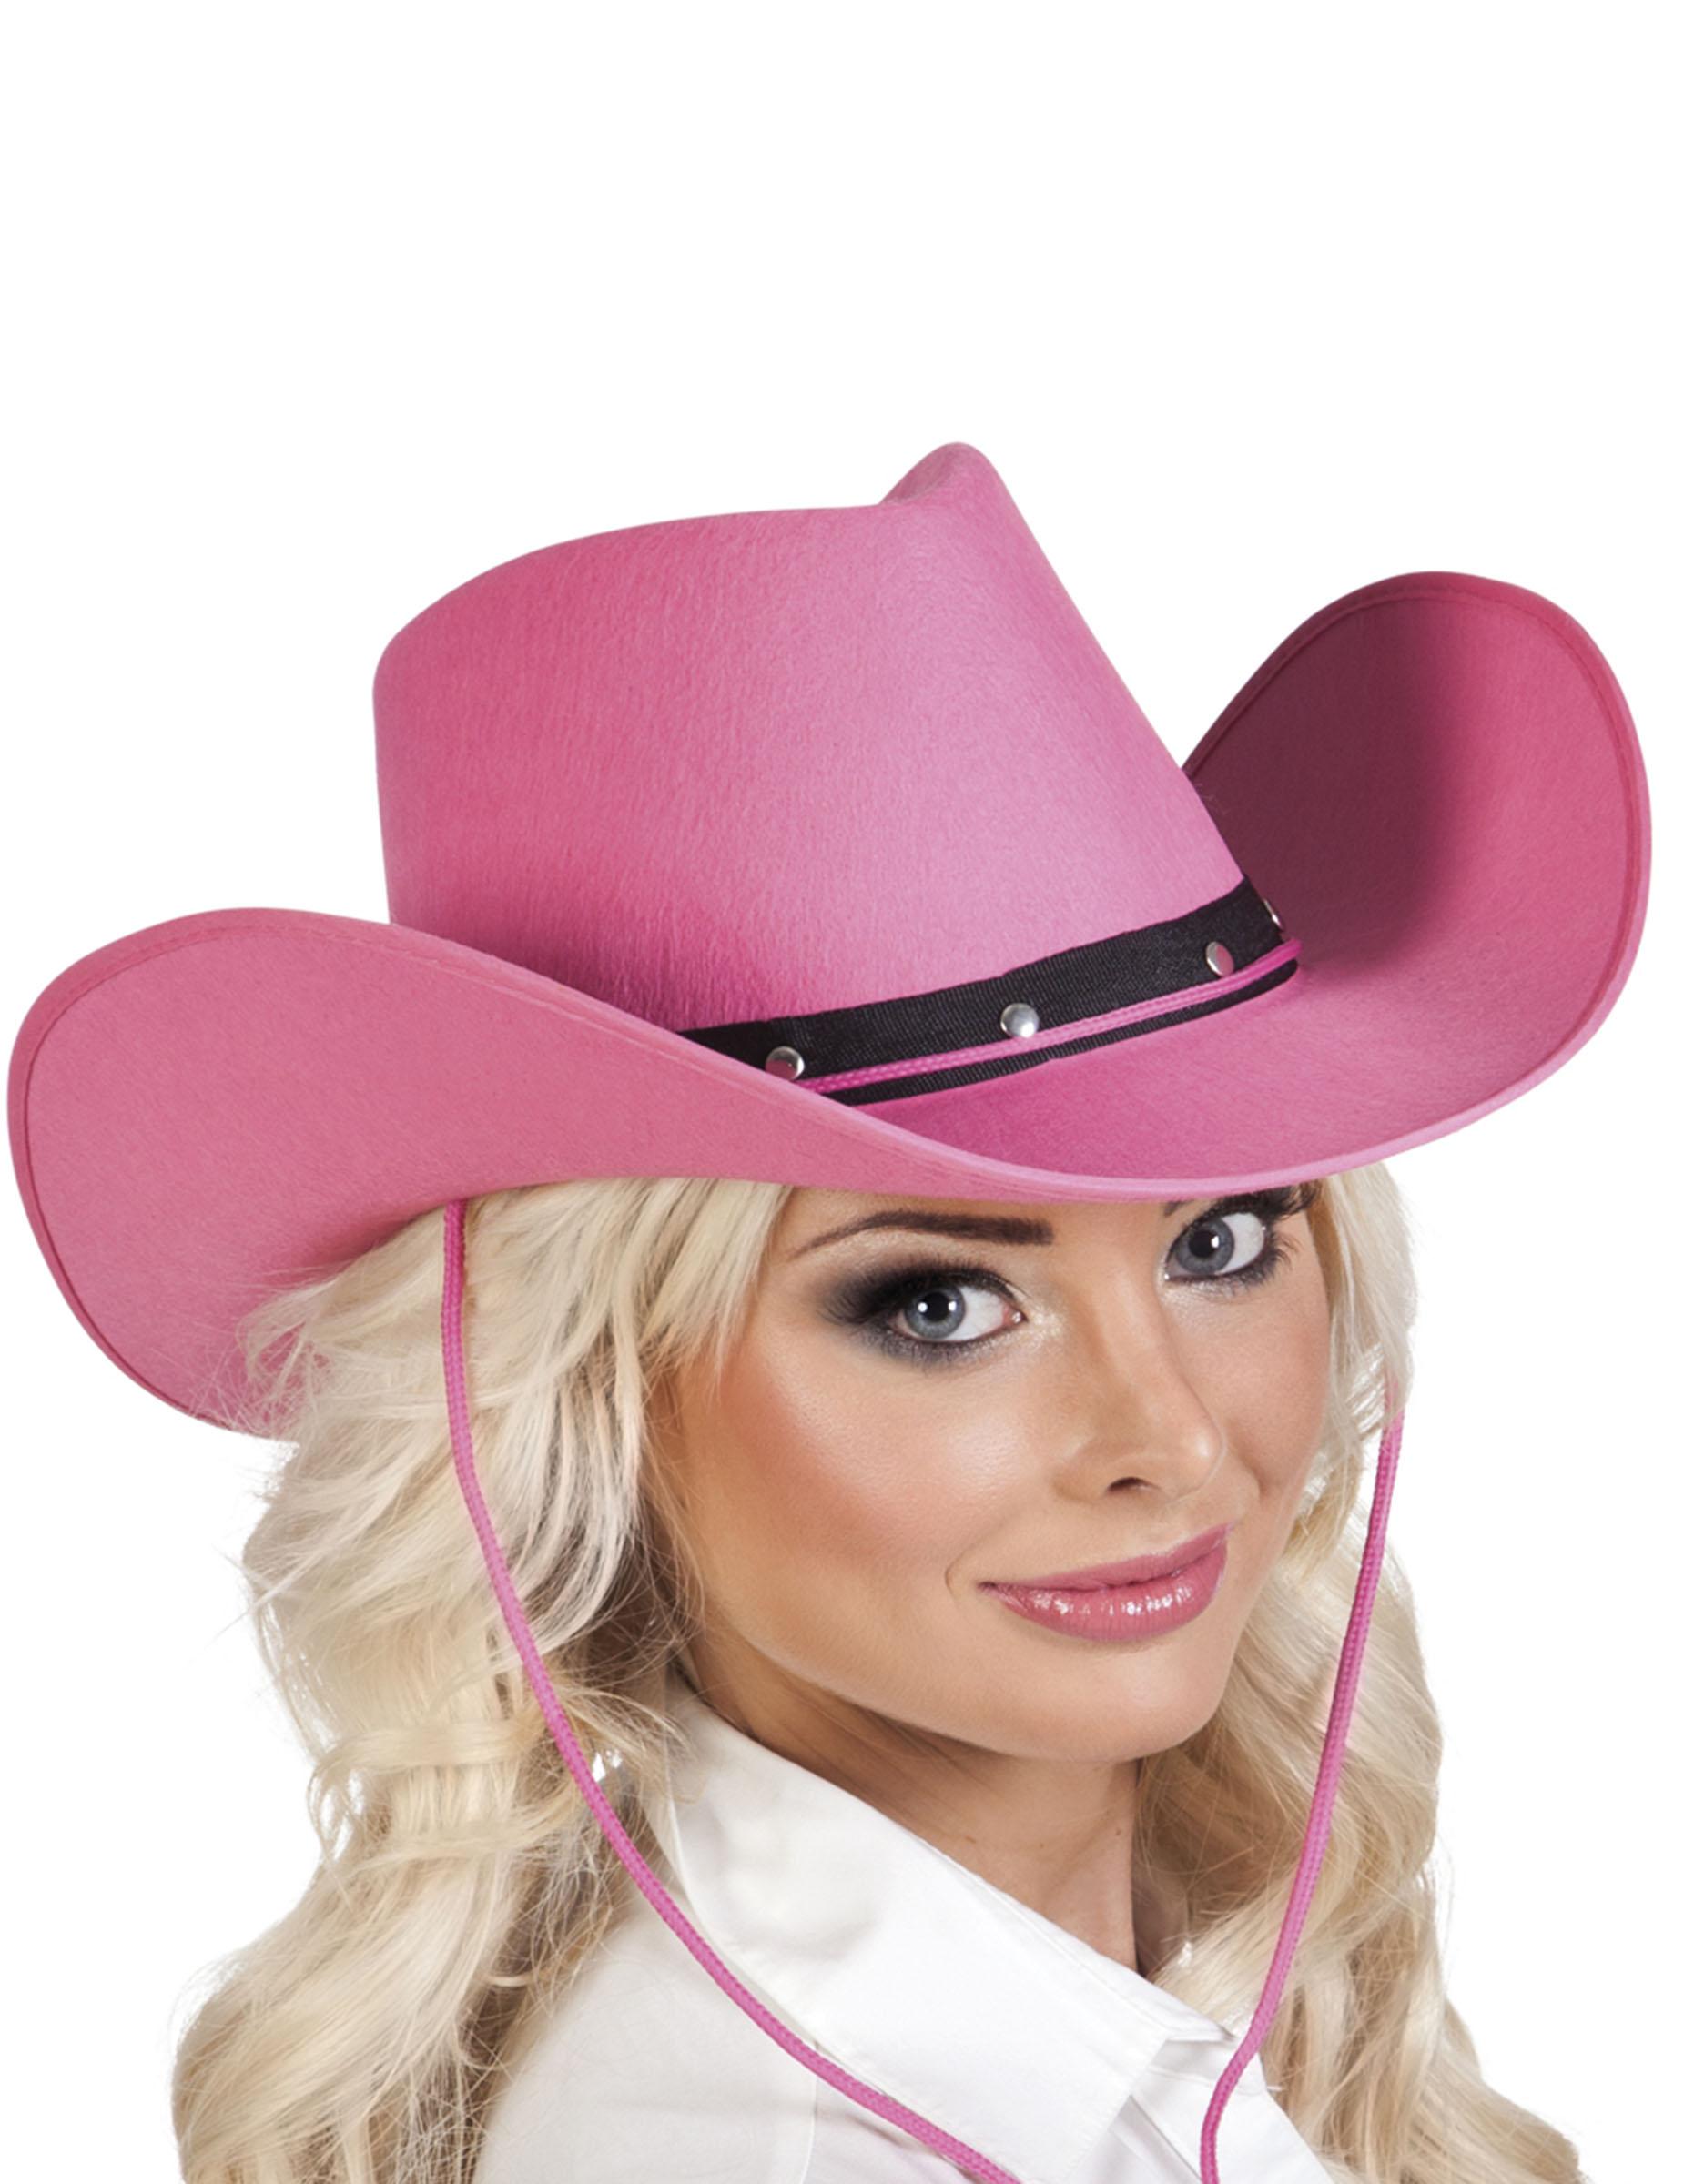 Cappello Cowboy rosa per adulto  Cappelli 6b1d7c860fe9